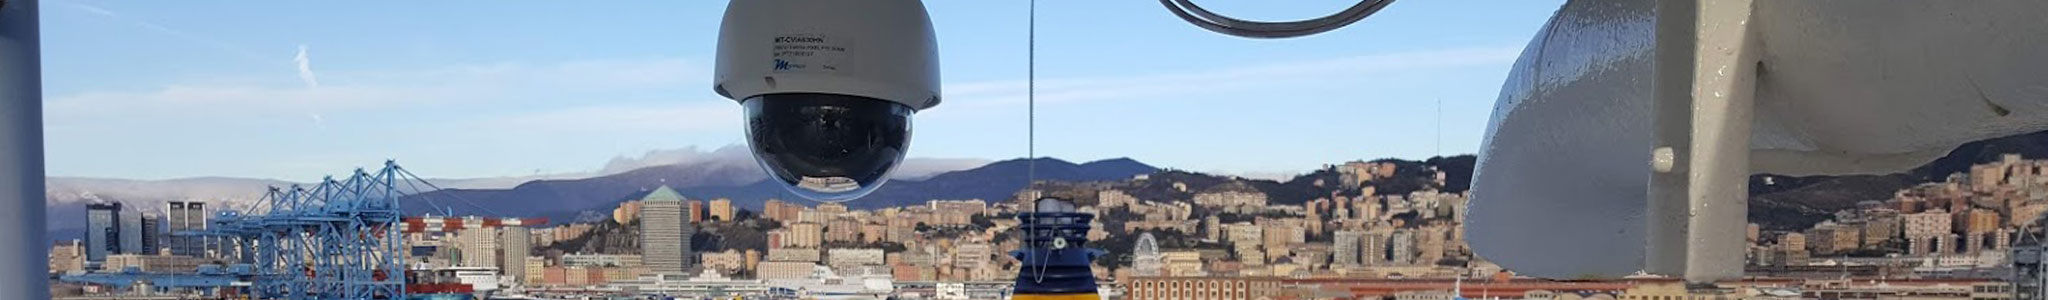 impianti di videosorveglianza genova la spezia